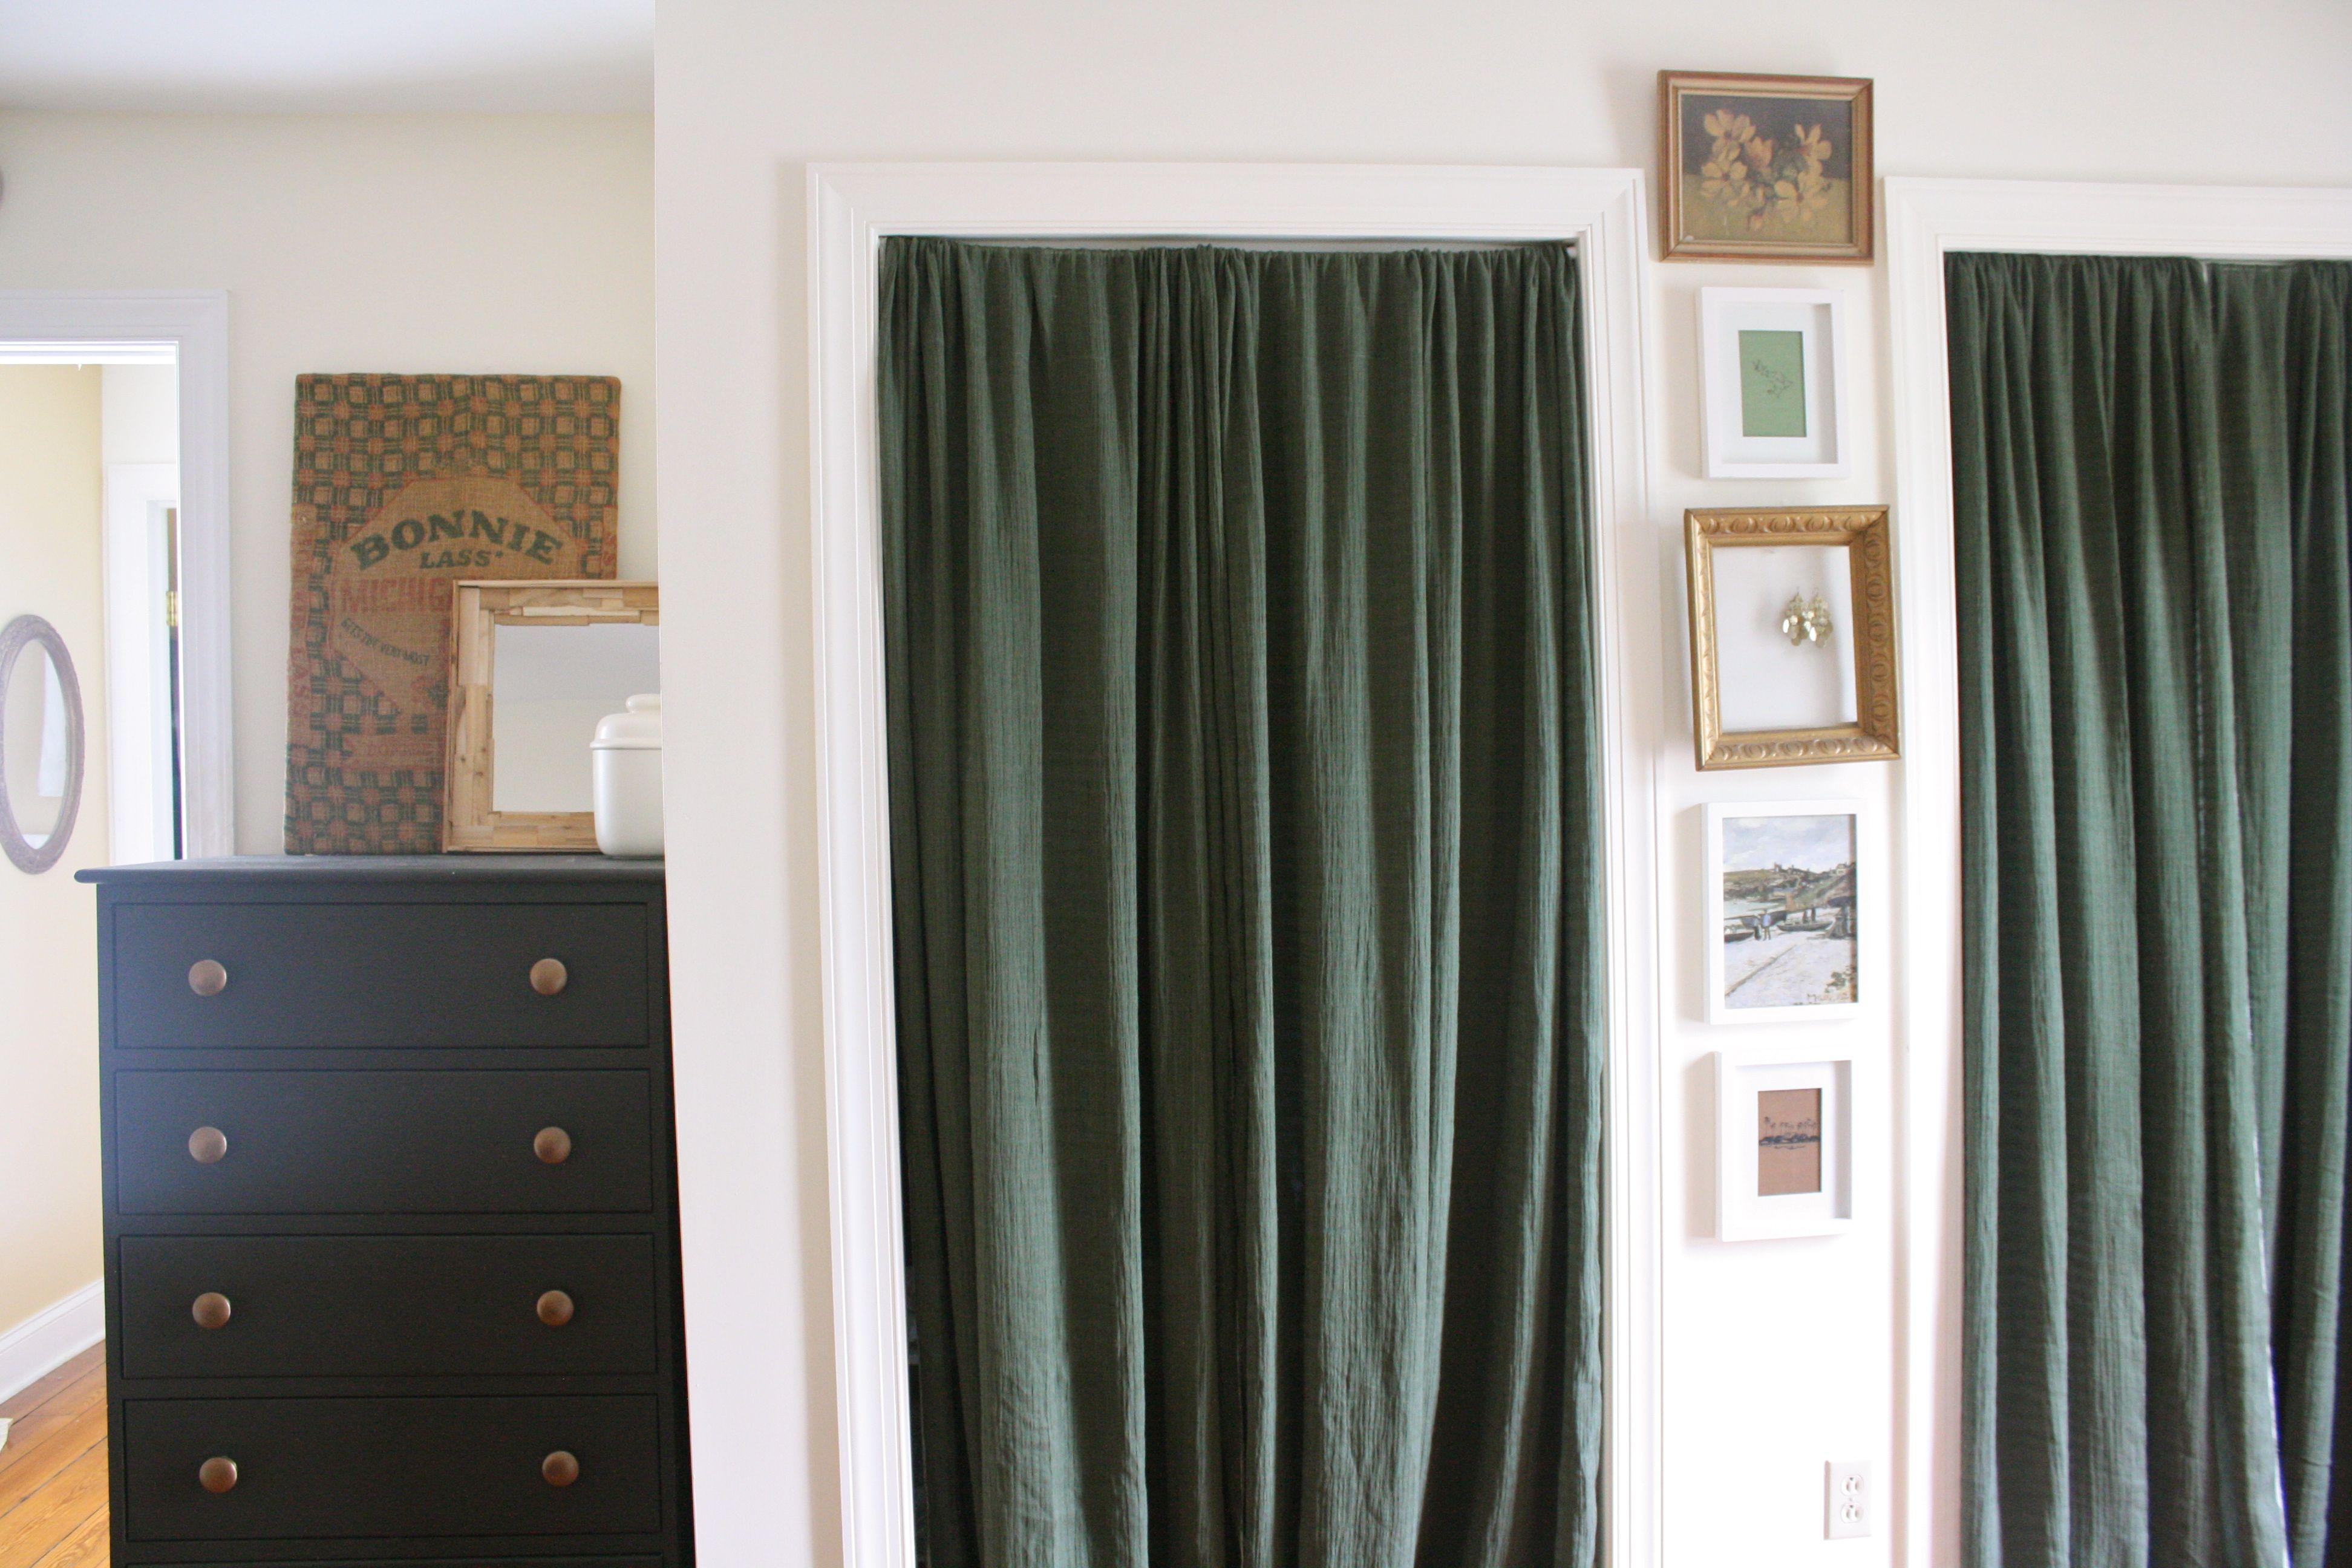 Tension Curtain Rods Ikea Closet Doors Bifold Doors Curtains